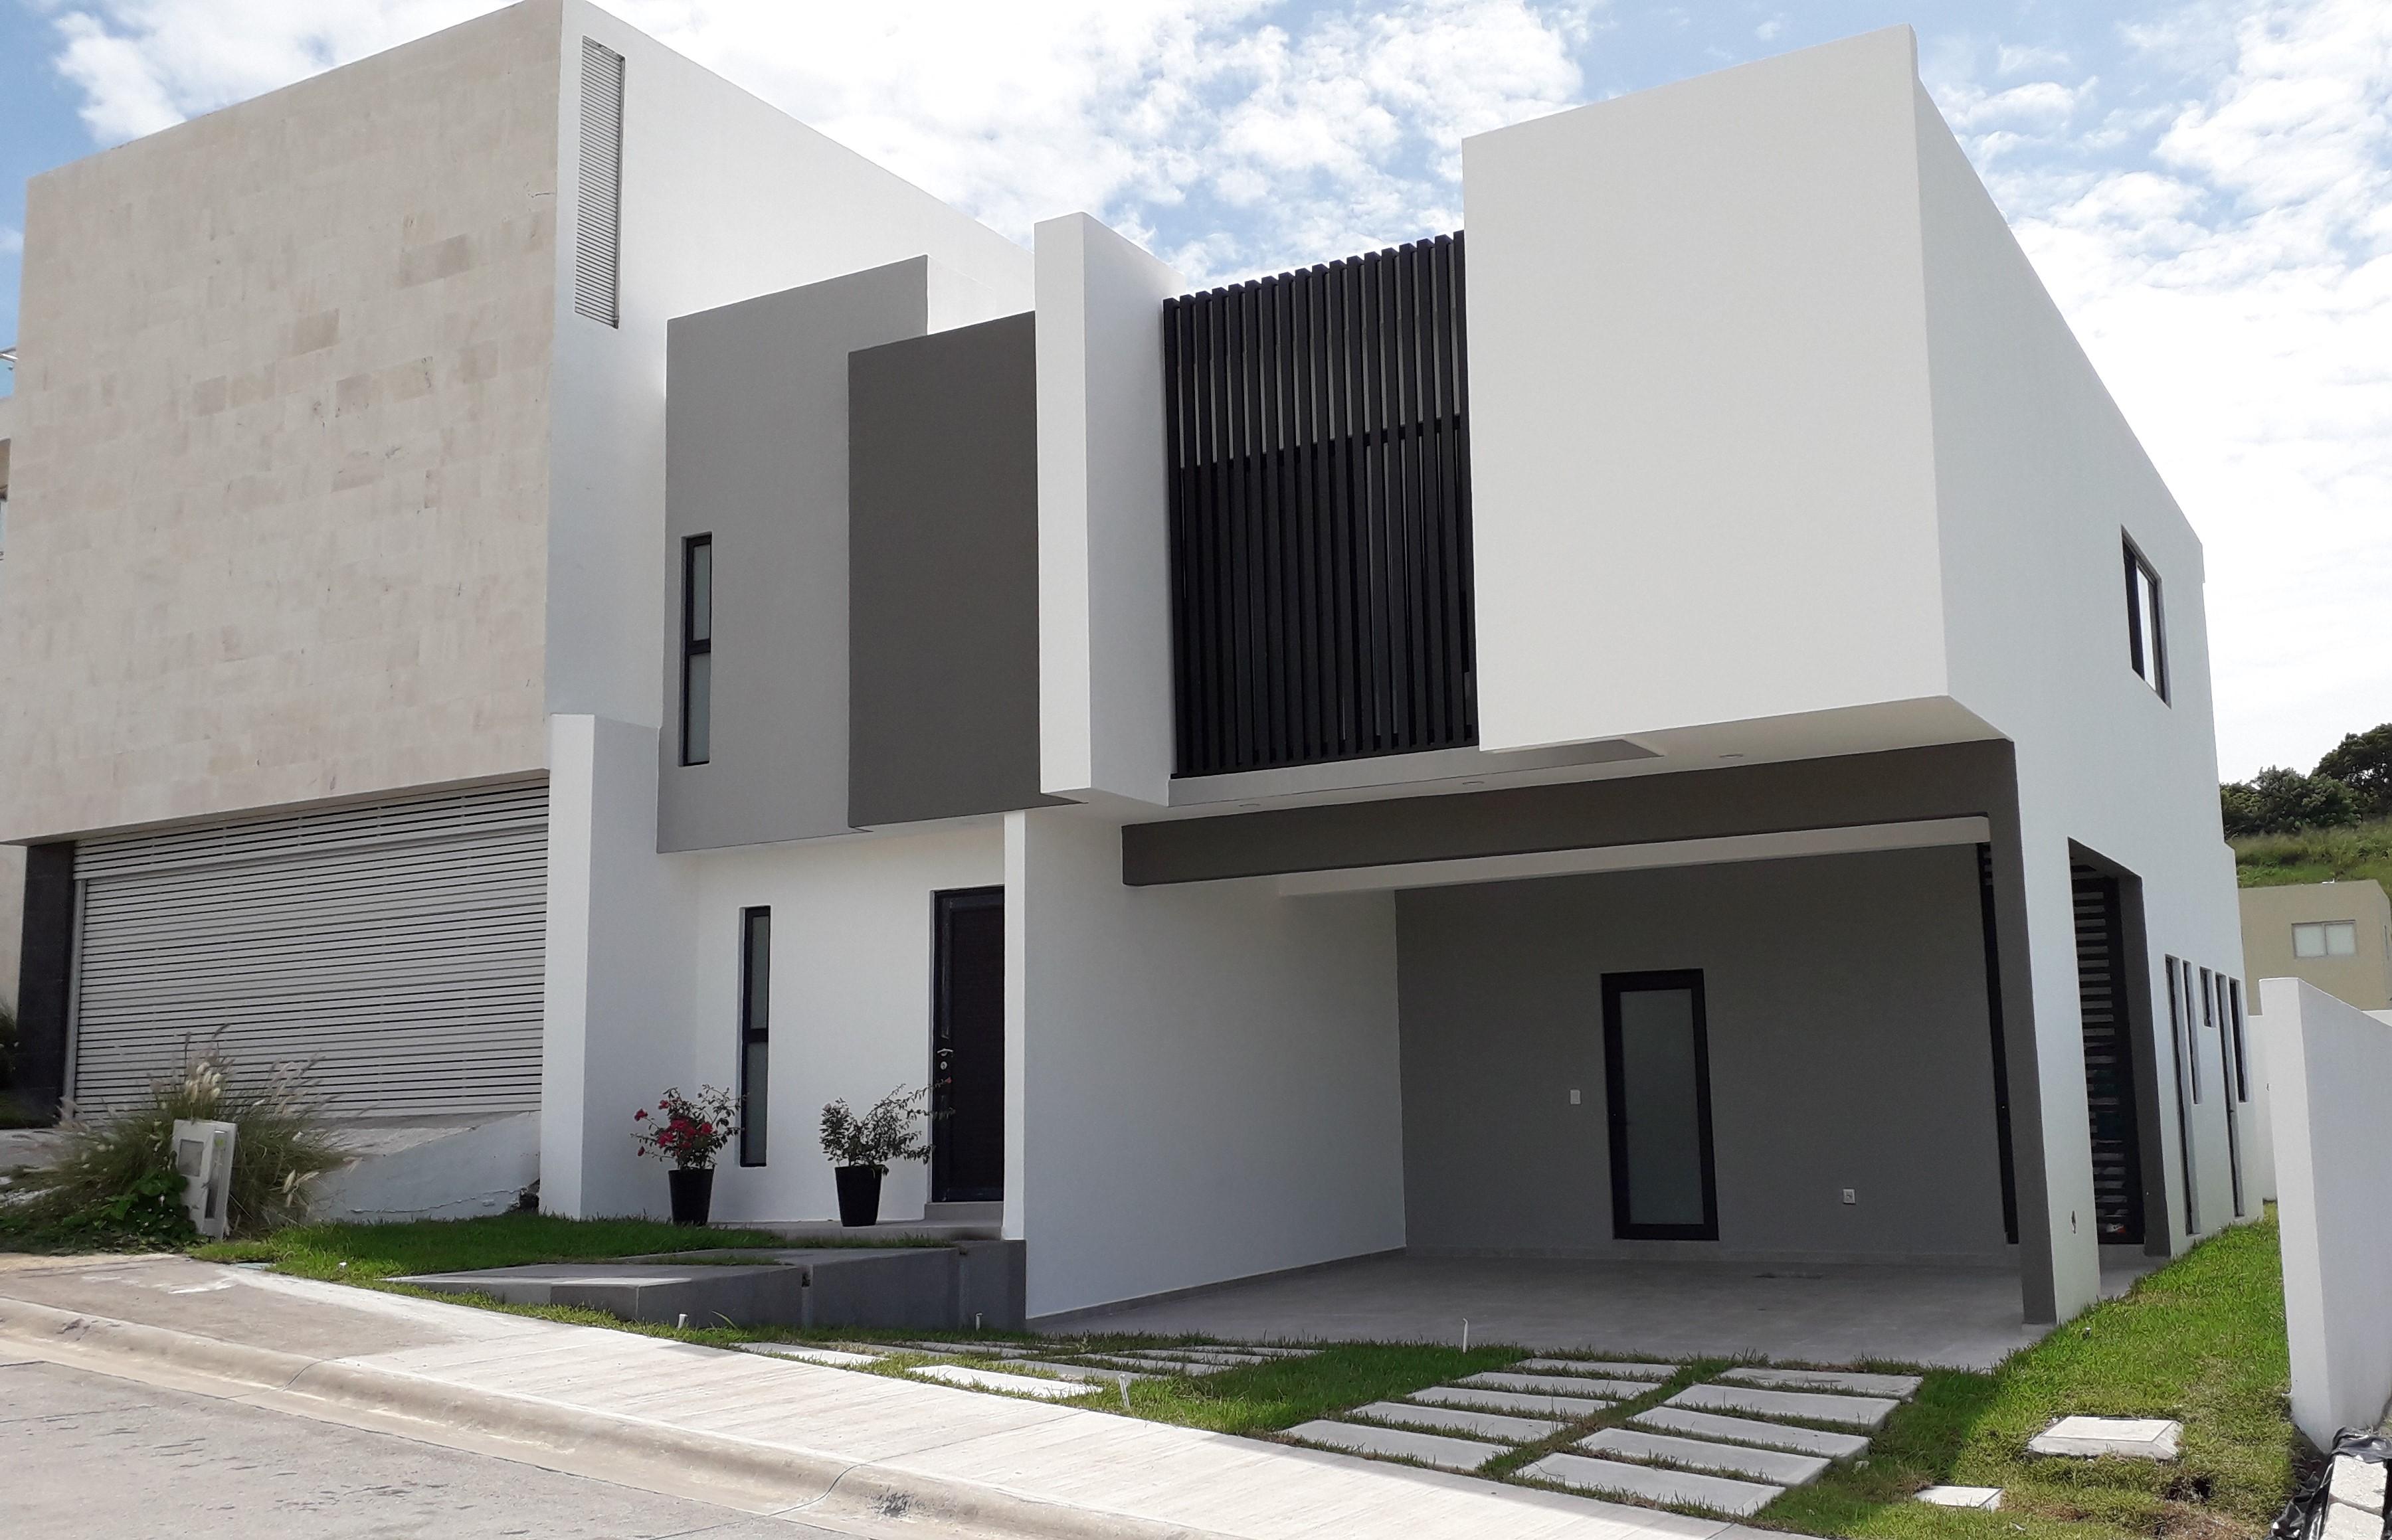 Casa en venta en el Fraccionamiento Punta Tiburón Sección Lagunas